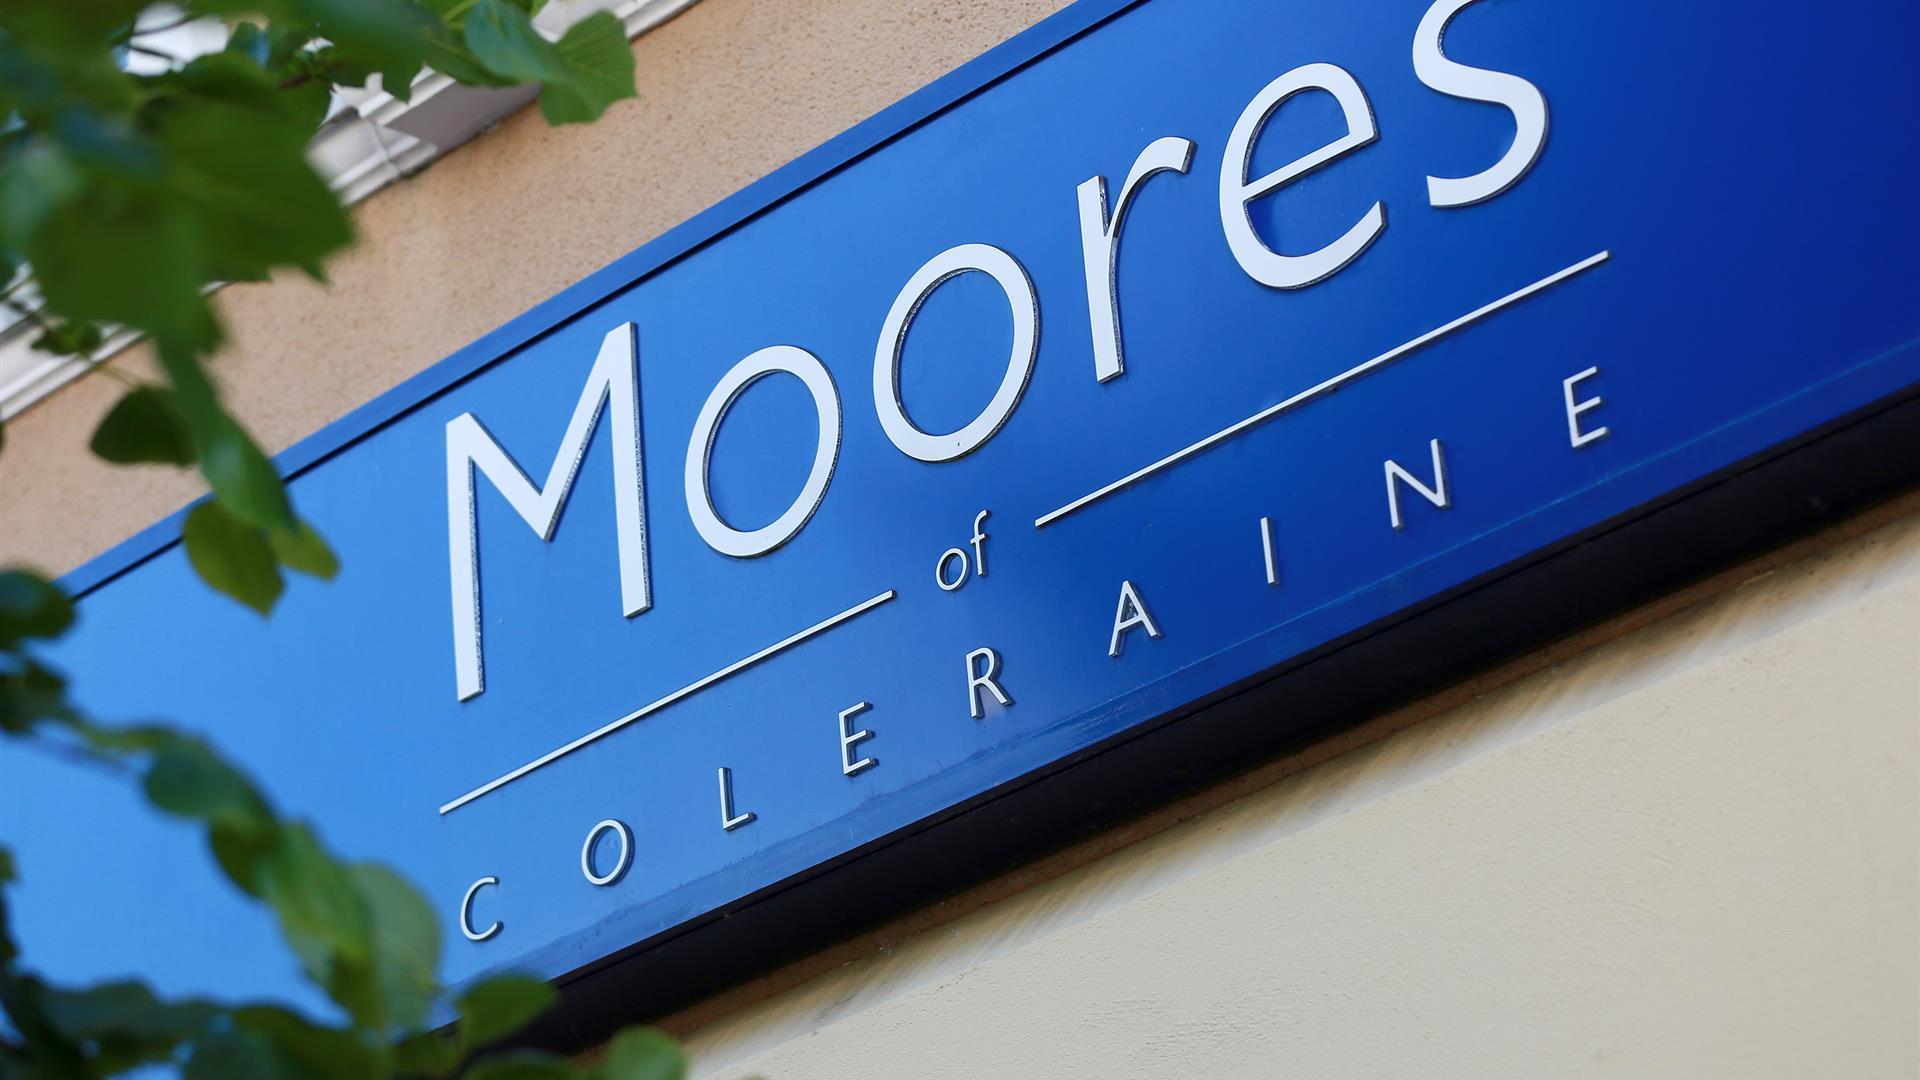 Moores of Coleraine